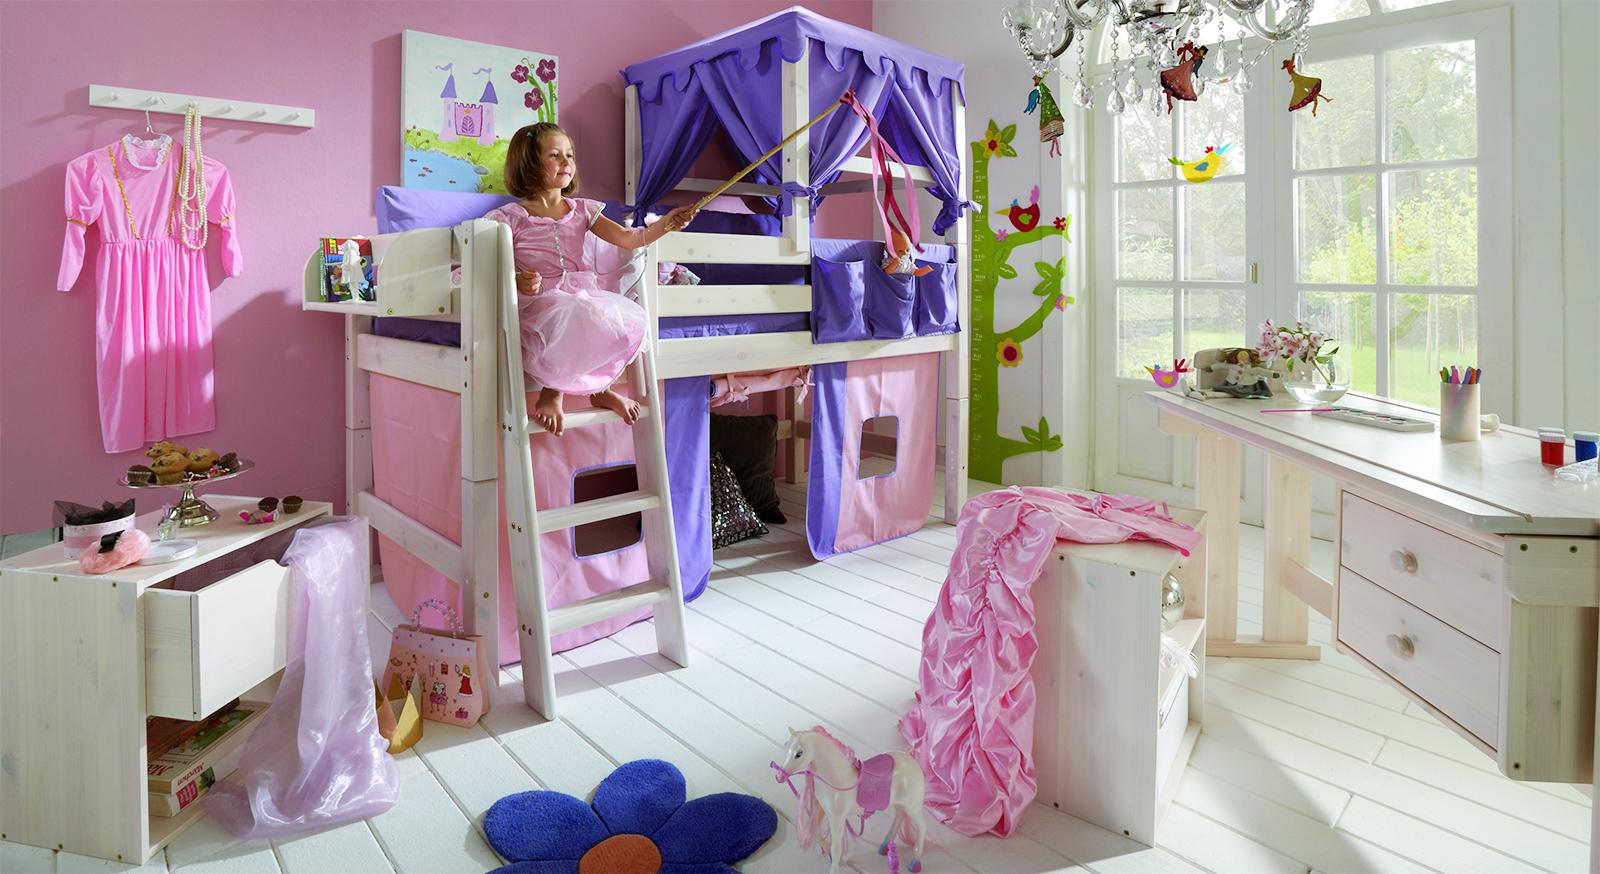 Kinderzimmer prinzessin der kids paradise serie mit lila for Kinderzimmer prinzessin